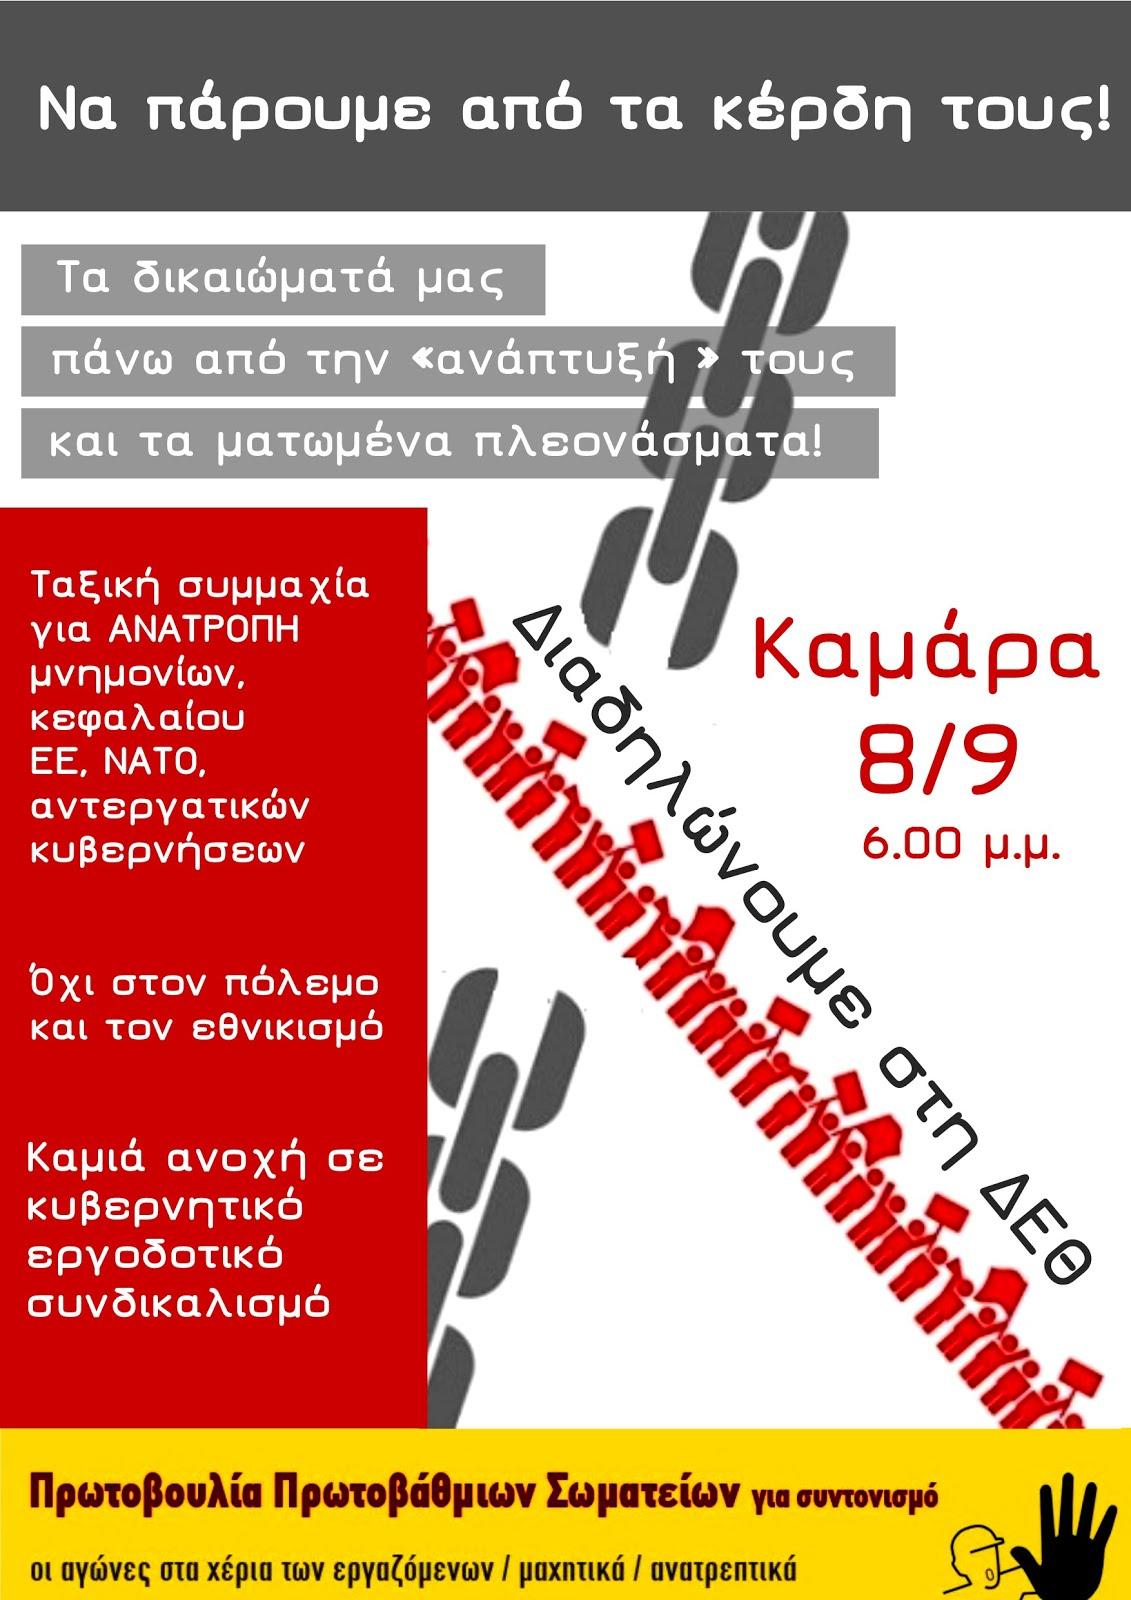 Συγκέντρωση ΔΕΘ 2018, Καμάρα-Θεσσαλονίκη, 8 Σεπτέμβρη